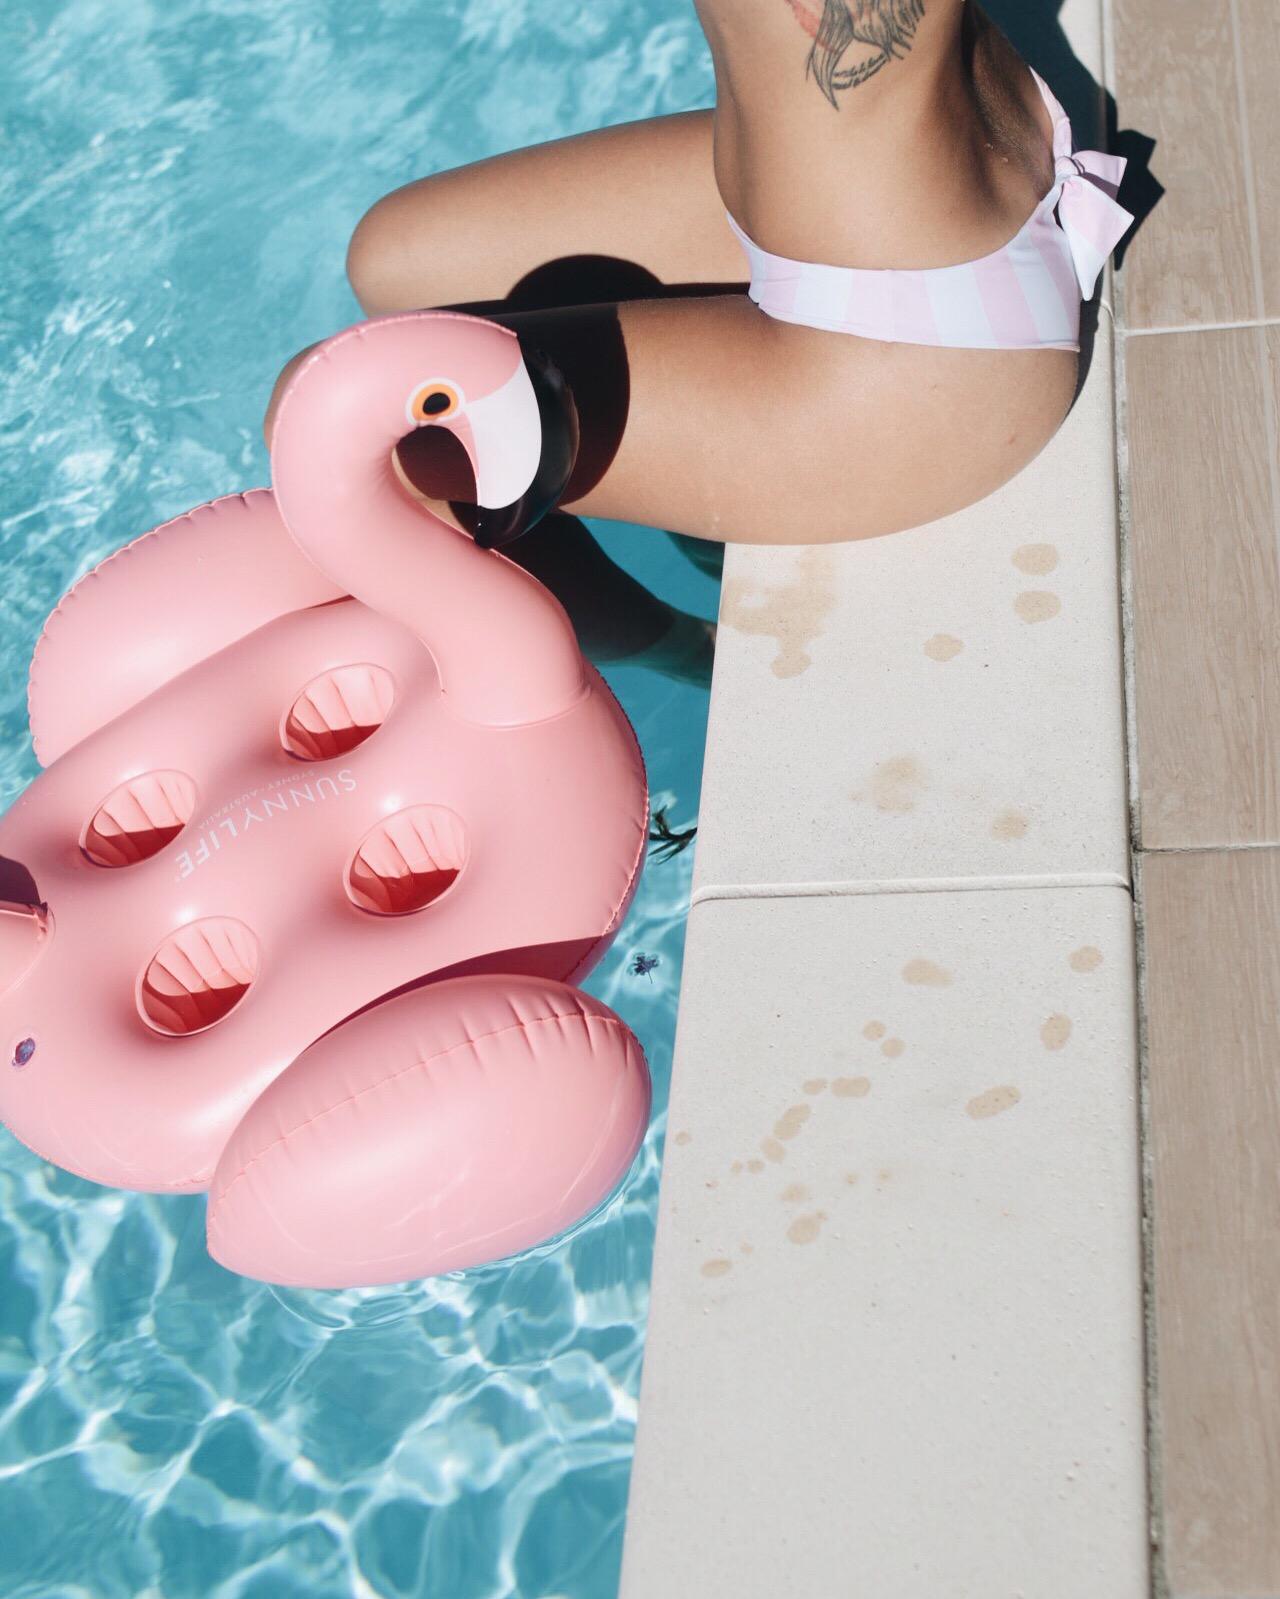 Flamand rose gonflable et maillot de bain rayé roseI Sp4nkblog